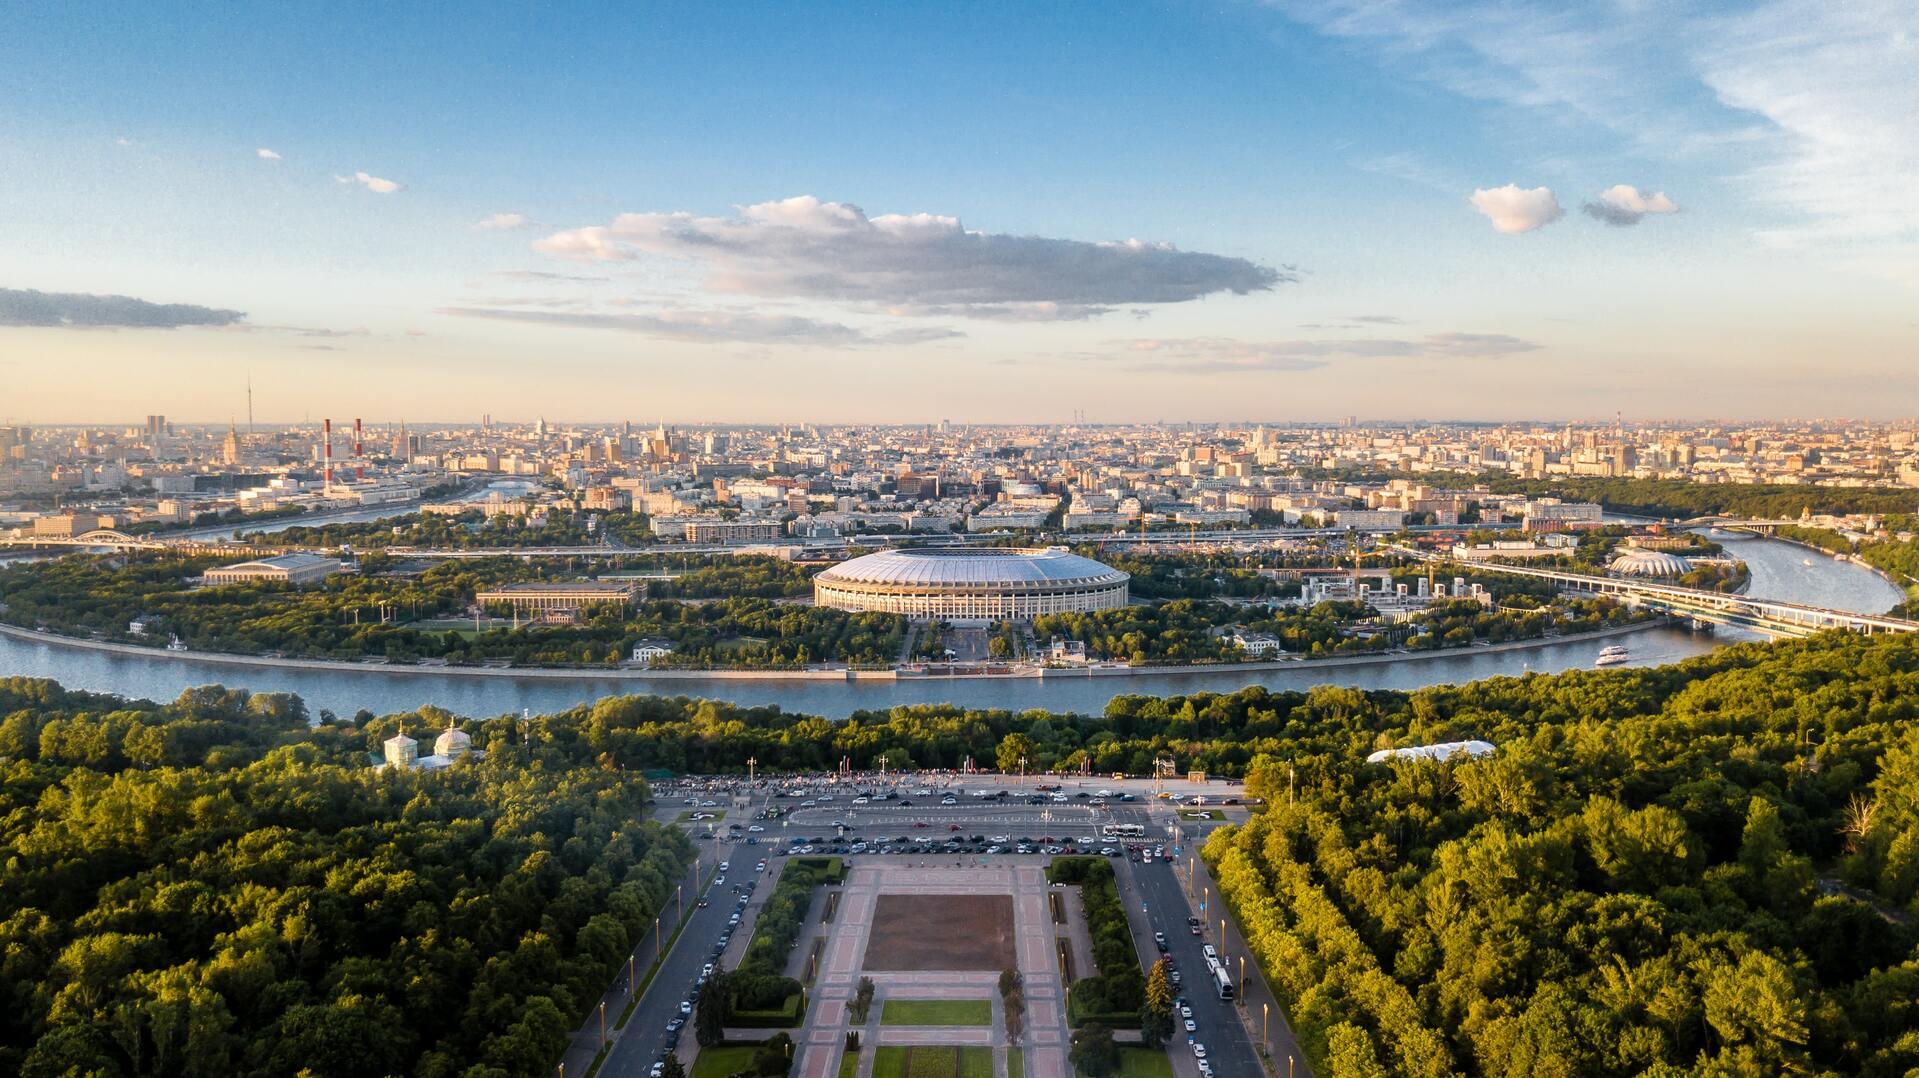 В Москве есть множество мест, где погулять - на самокате, велосипеде или пешком